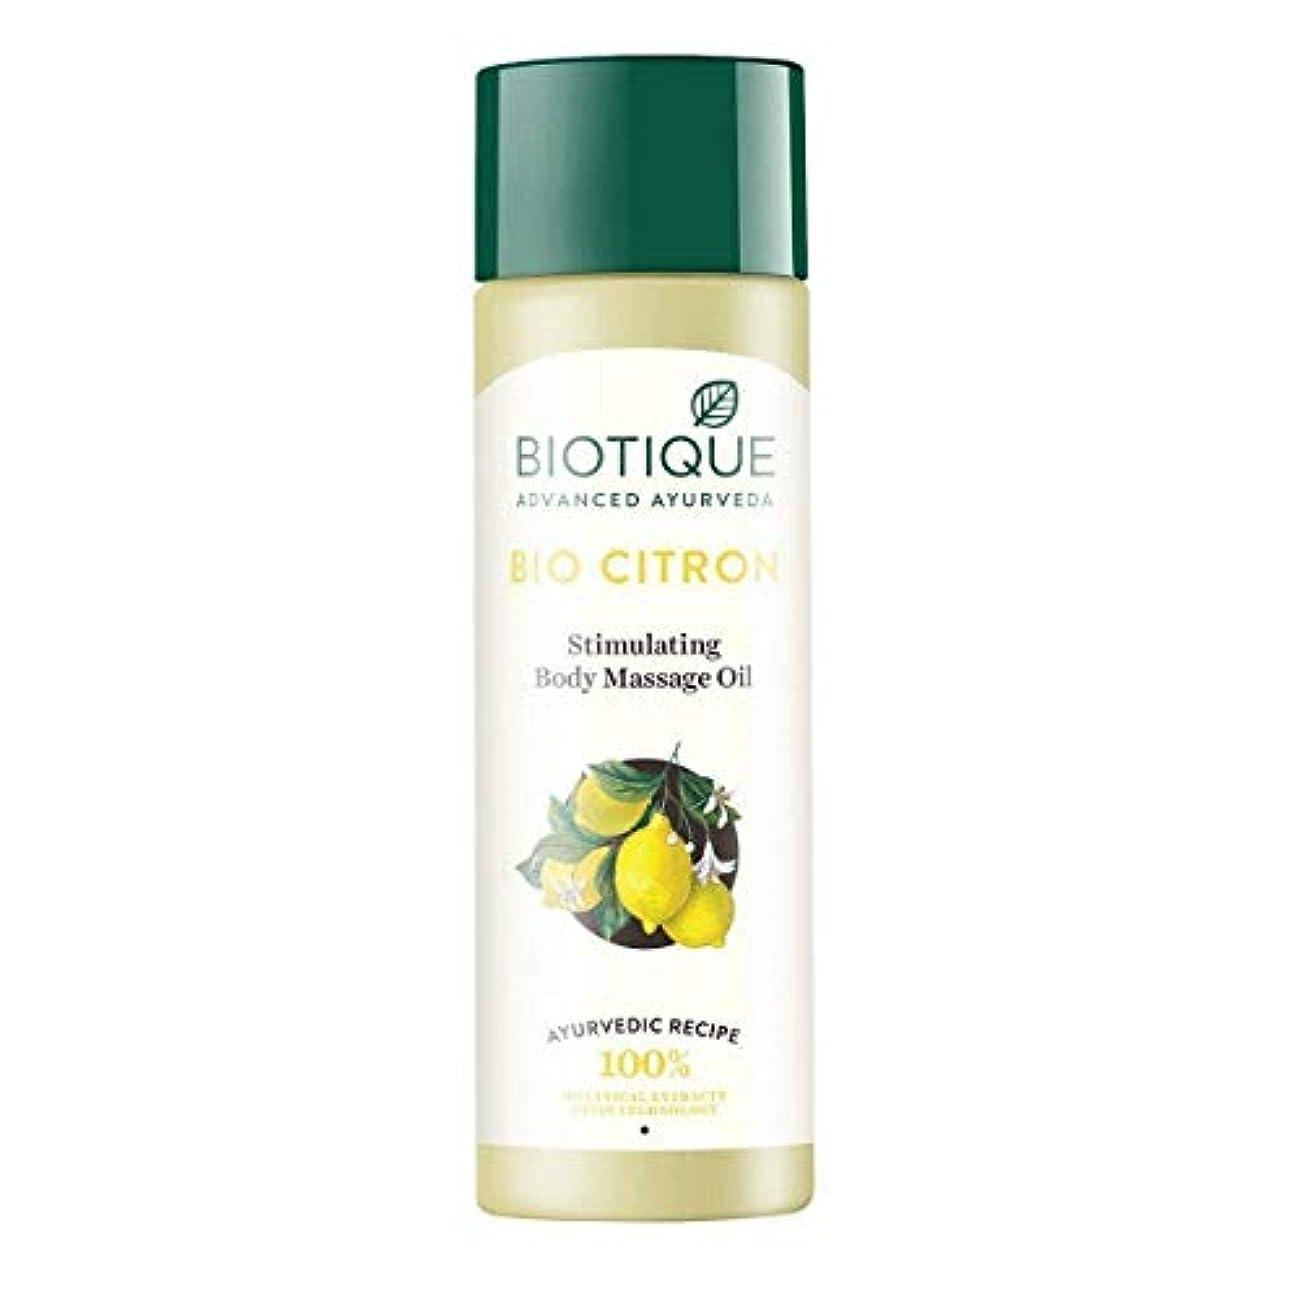 海峡火傷解任Biotique Bio Citron Stimulating Body Massage Oil, 200ml rich in vitamin Biotique バイオシトロン刺激ボディマッサージオイル、ビタミン